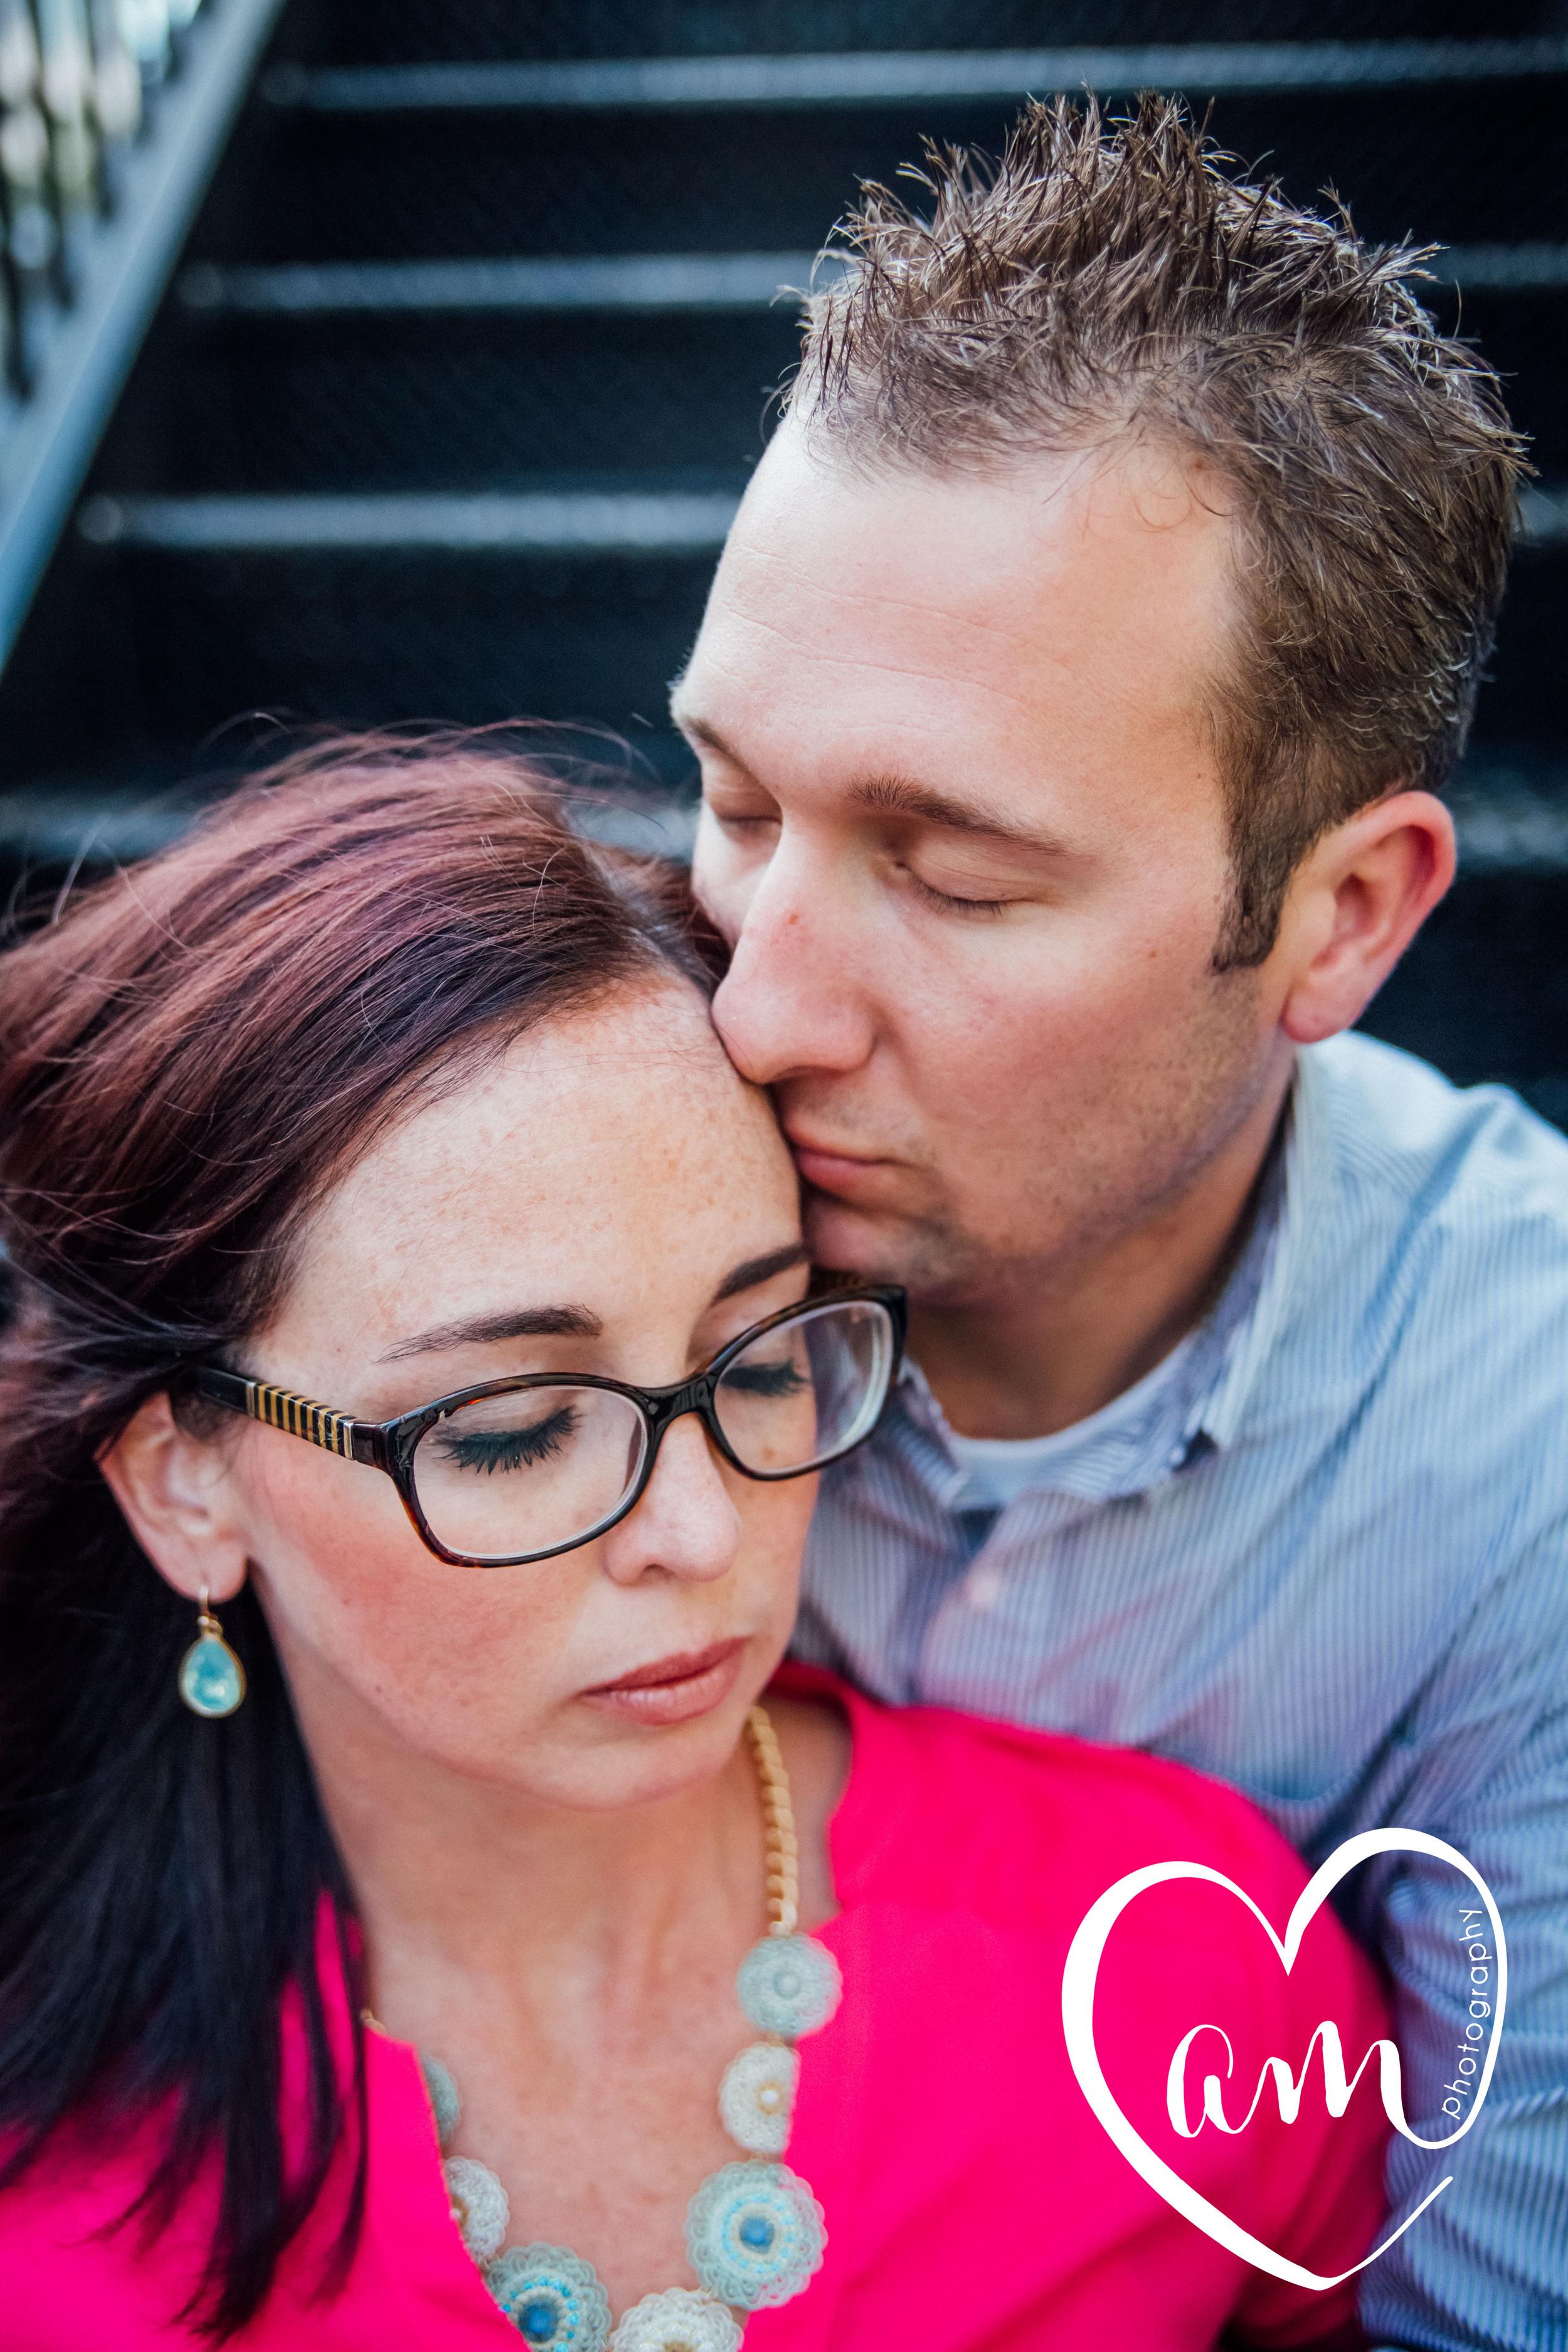 Downtown Orlando engagement photographs. Church Street engagement session. Photo by Amanda Mejias Photography: Orlando wedding photographer.